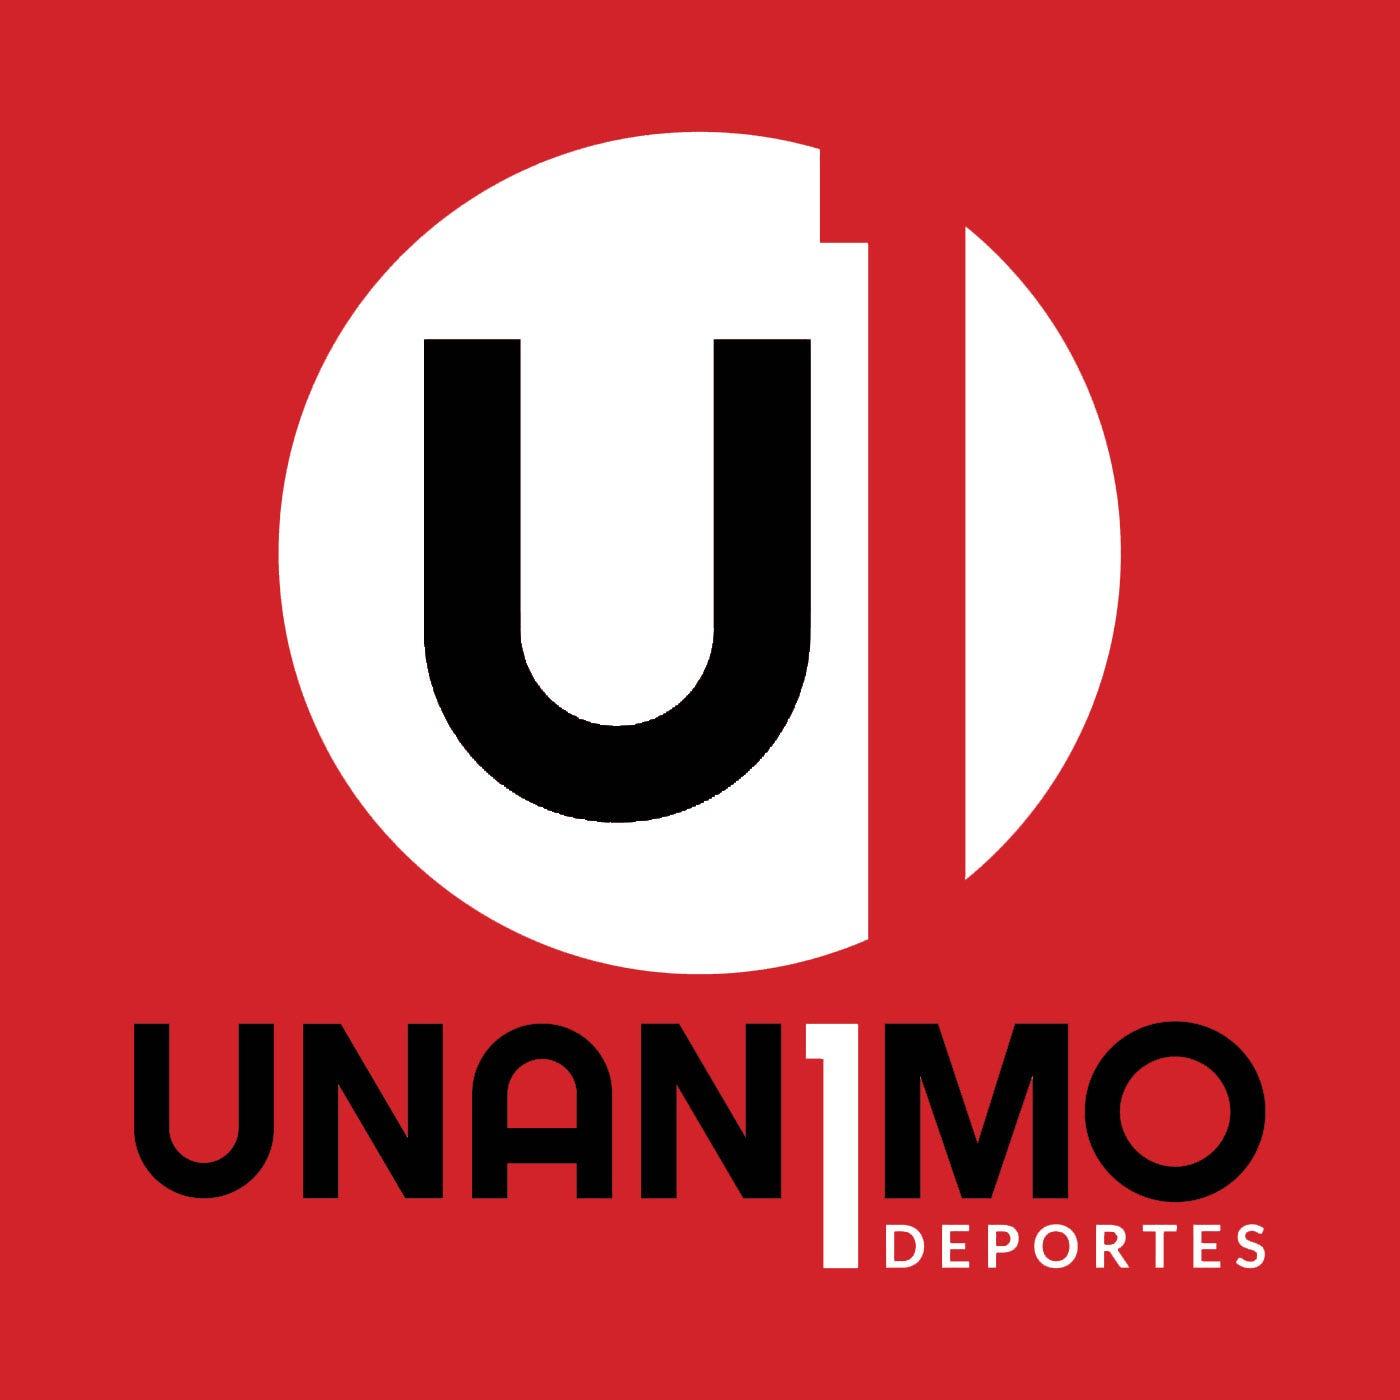 UNANIMO Deportes Network